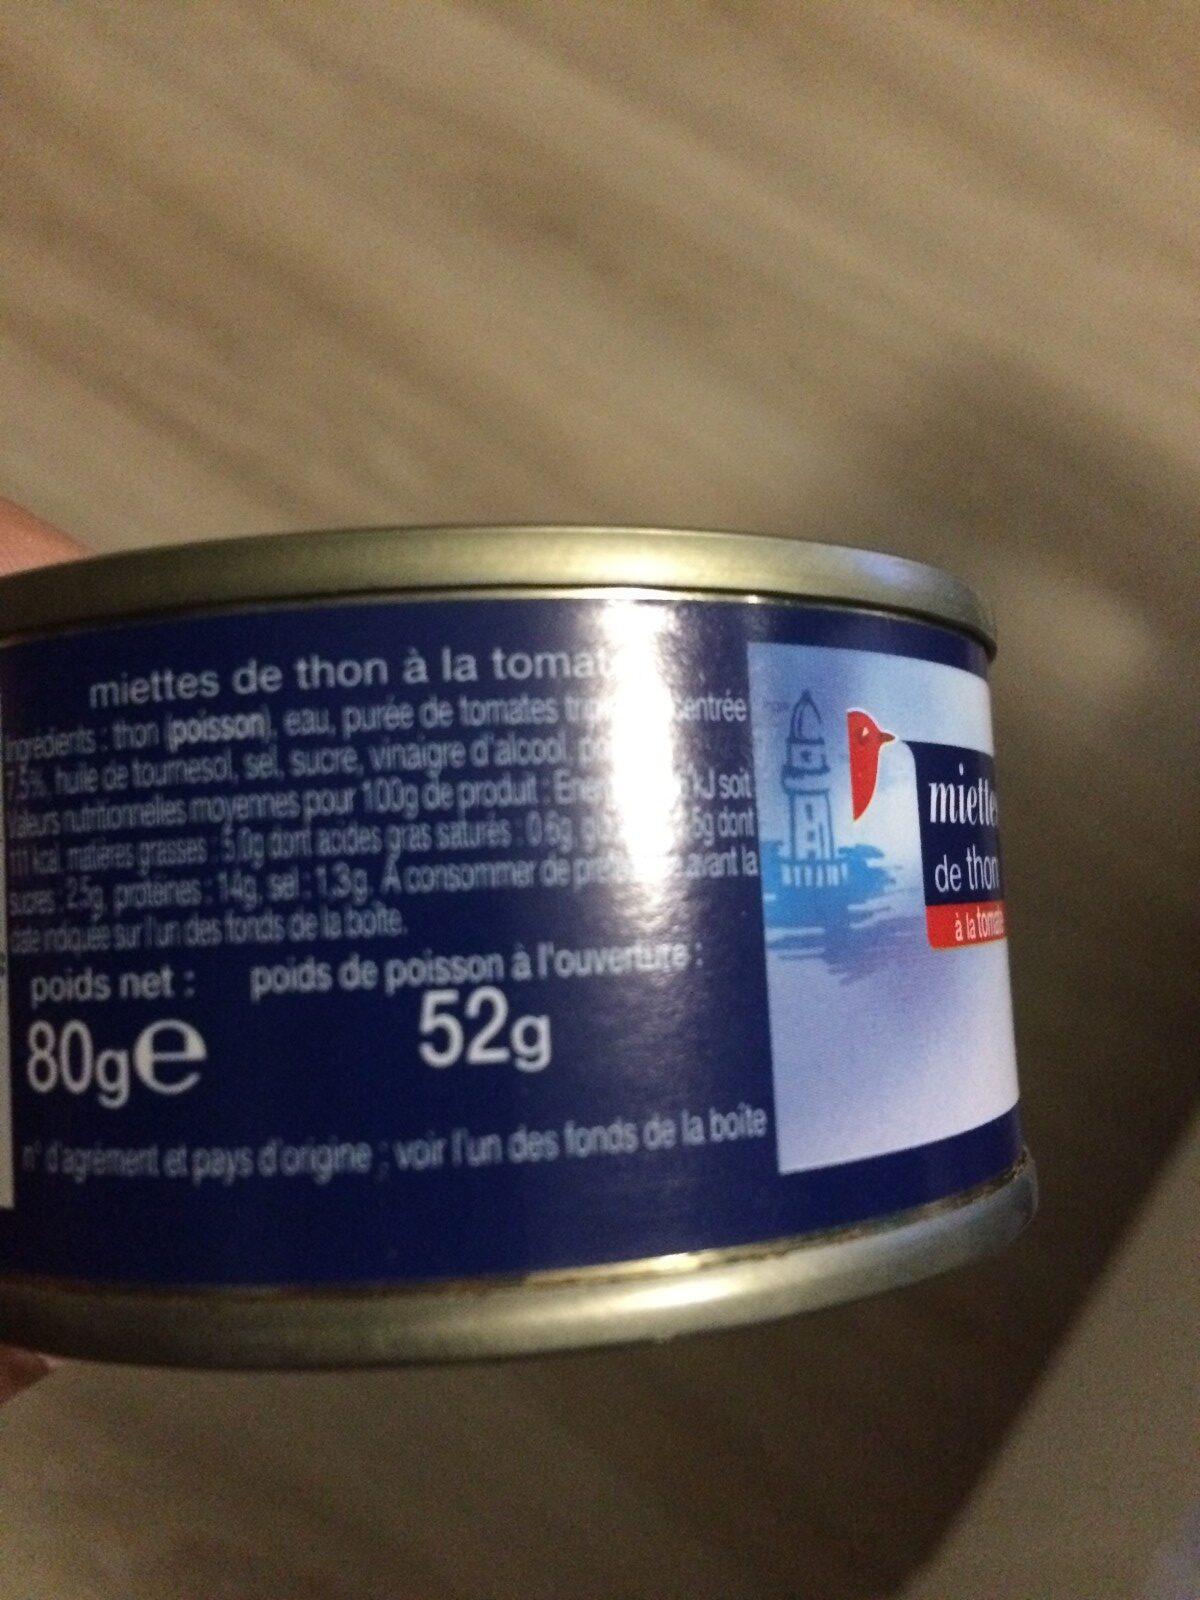 Miette De Thon A La Tomate 80g - Ingredienti - fr